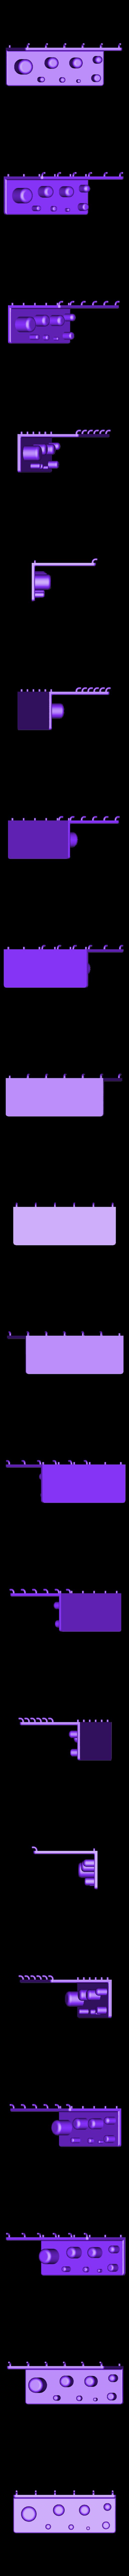 Pins.stl Télécharger fichier STL gratuit Support mural pour adaptateur électrique 8pcs 002 I pour vis ou chevilles • Objet pour imprimante 3D, Wiesemann1893